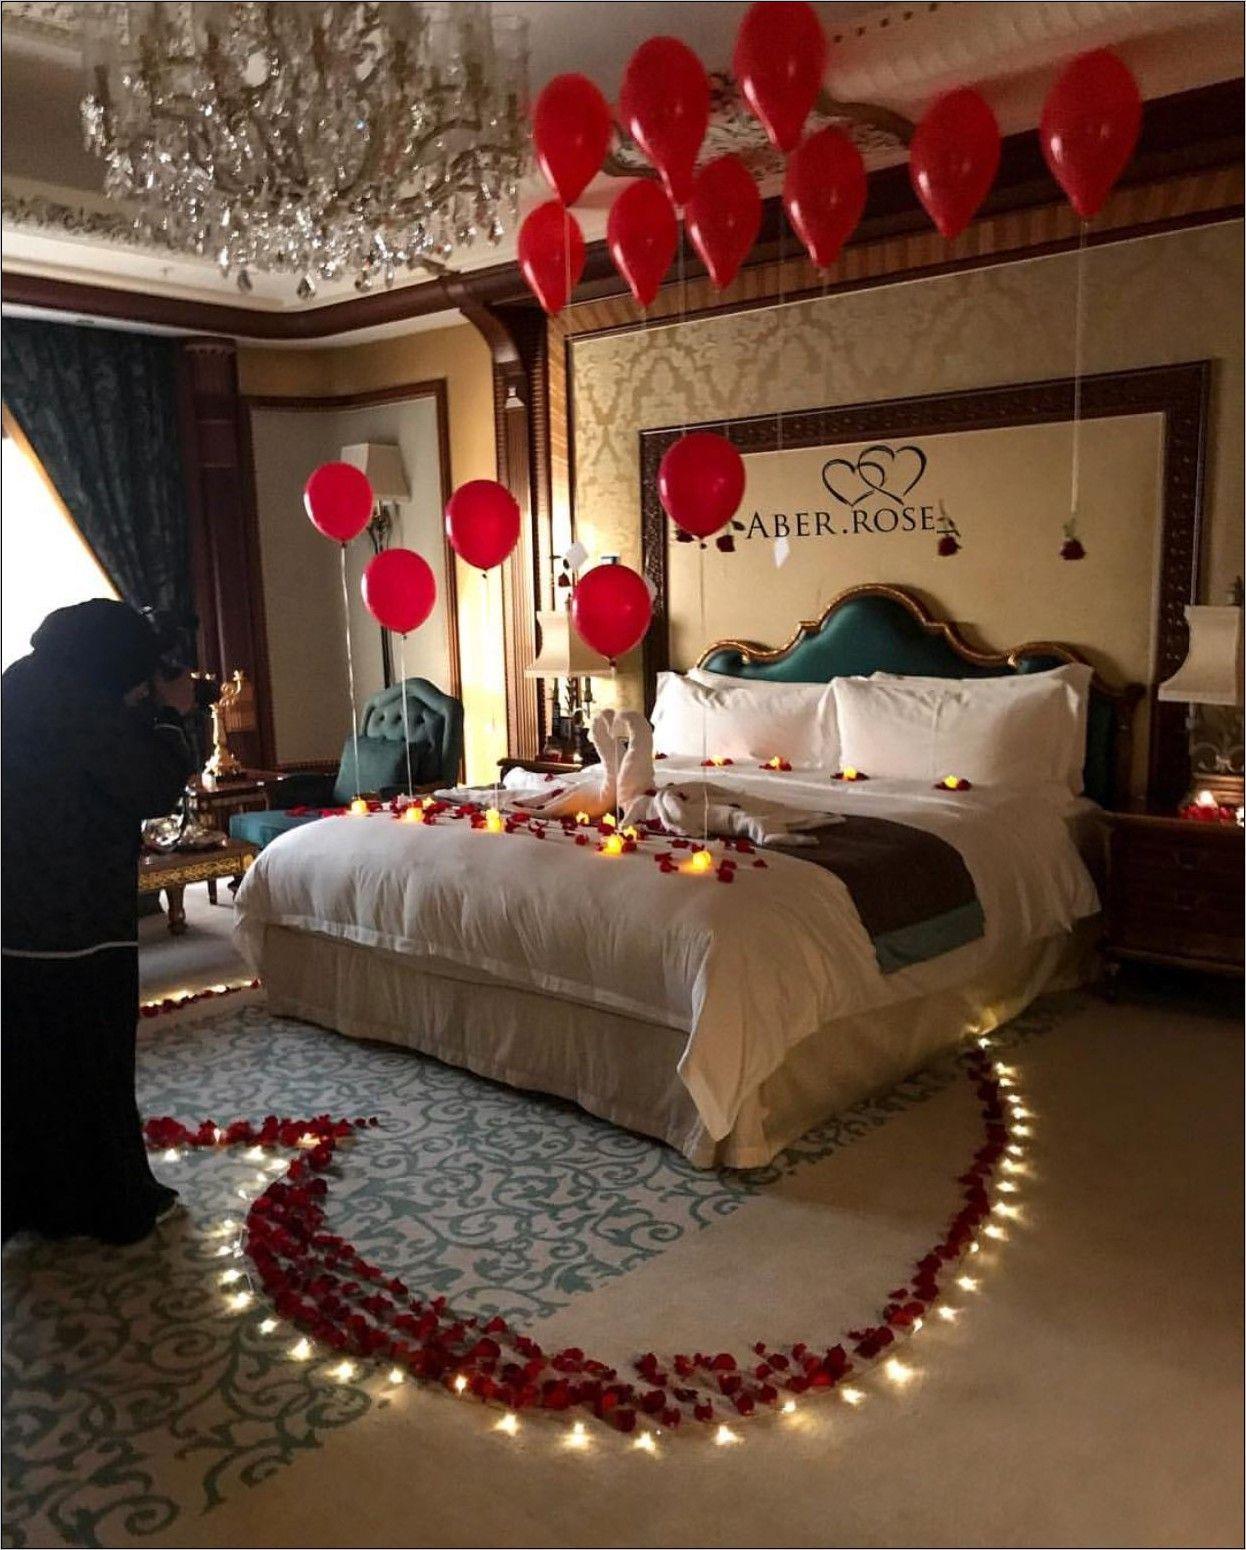 Romantic Bedroom Ideas For Wonderful Valentine Moments Romantic Room Surprise Romantic Bedroom Decor Valentines Bedroom Beautiful romantic bedroom ideas